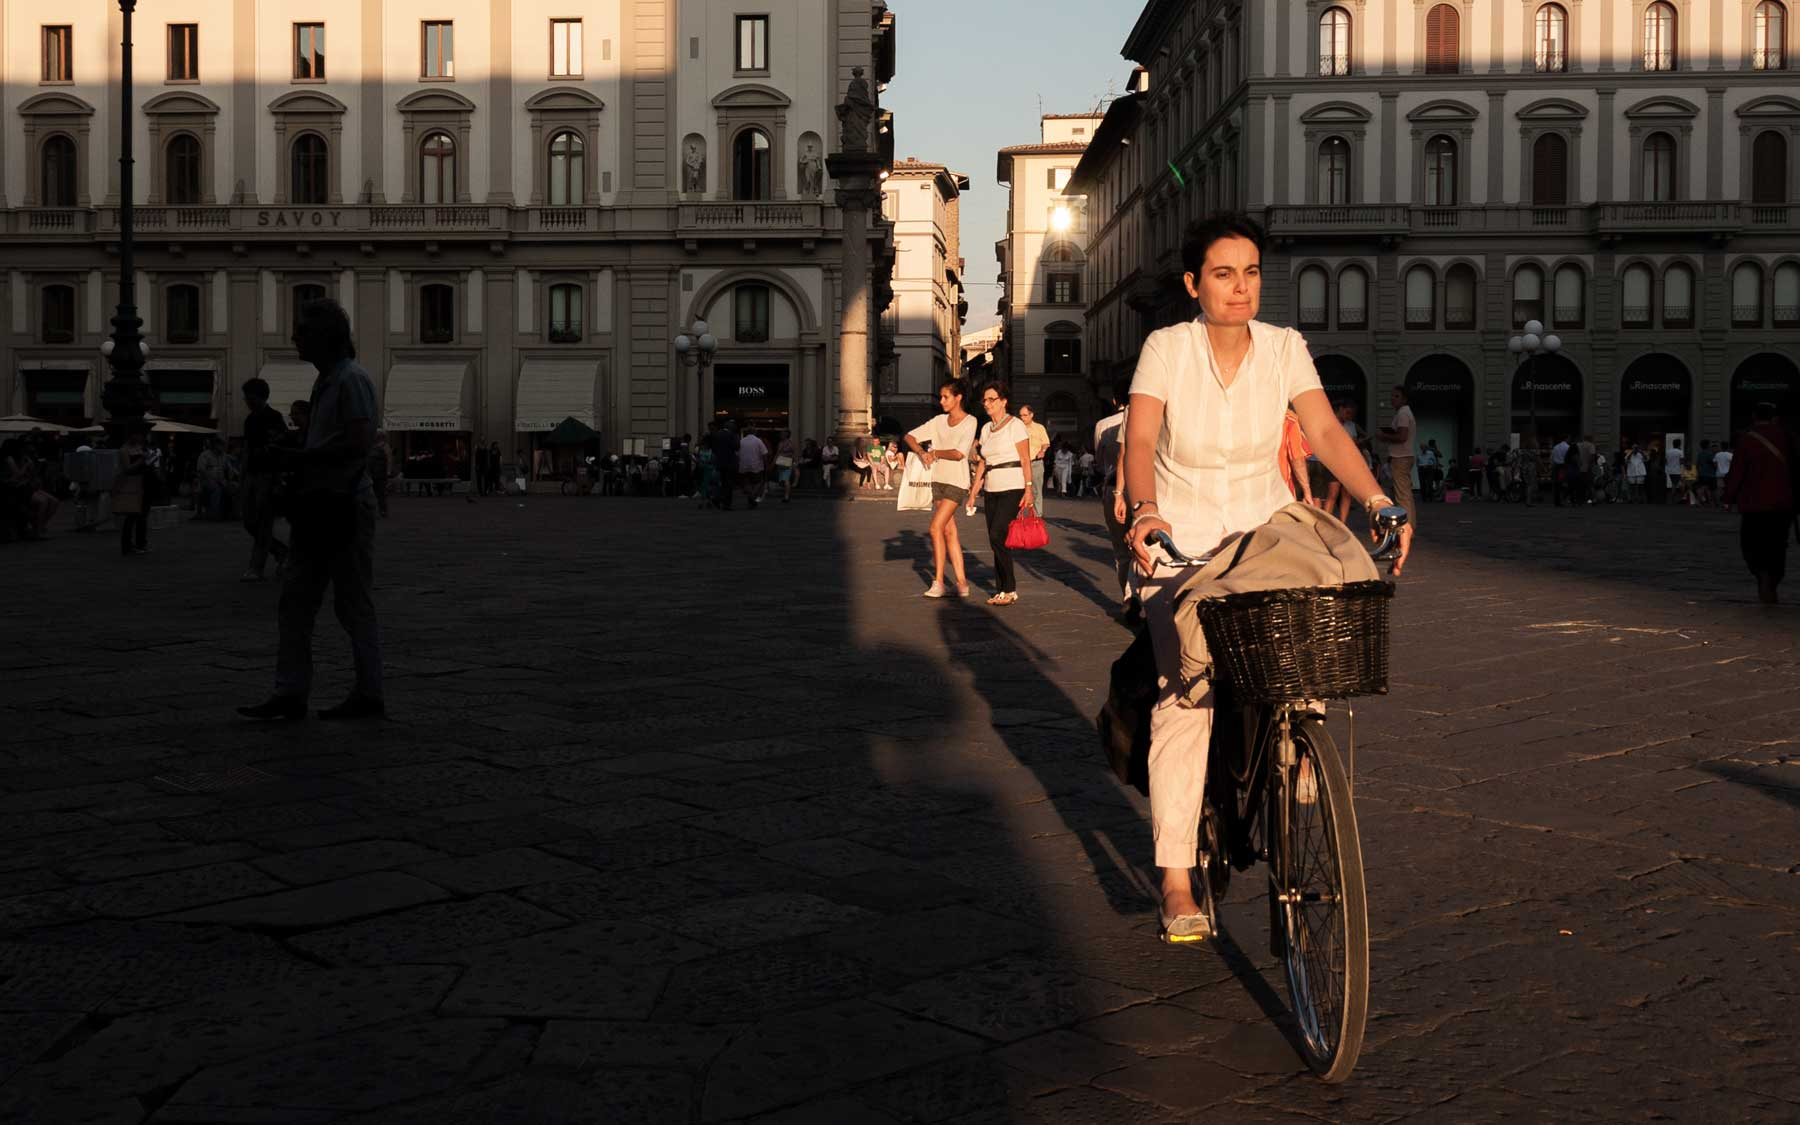 Cycling through Piazza della Repubblica.